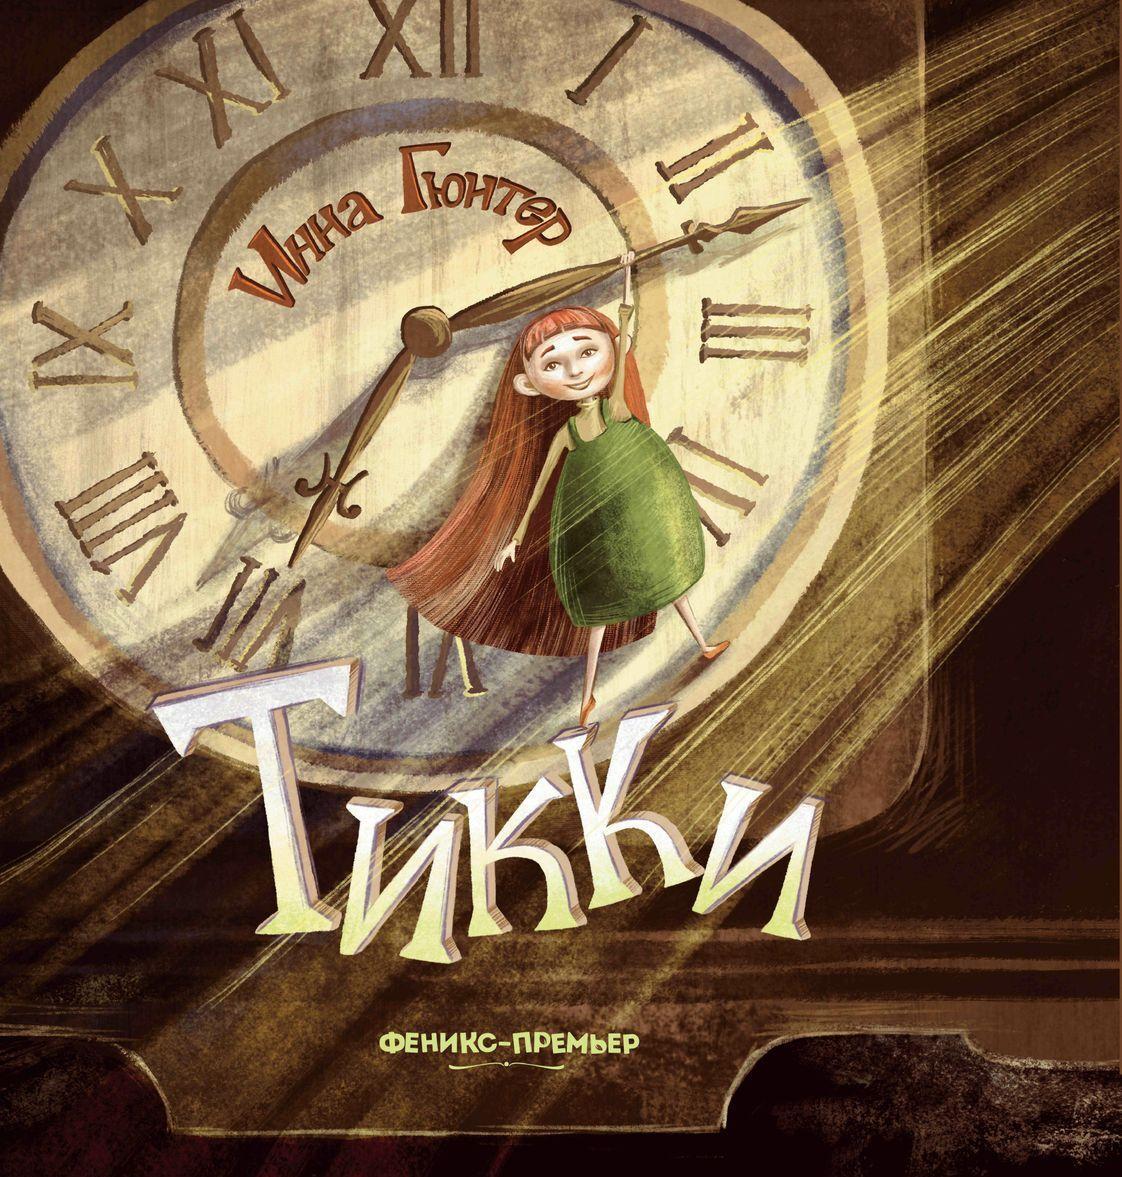 Tikki | Gjunter Inna Vladimirovna